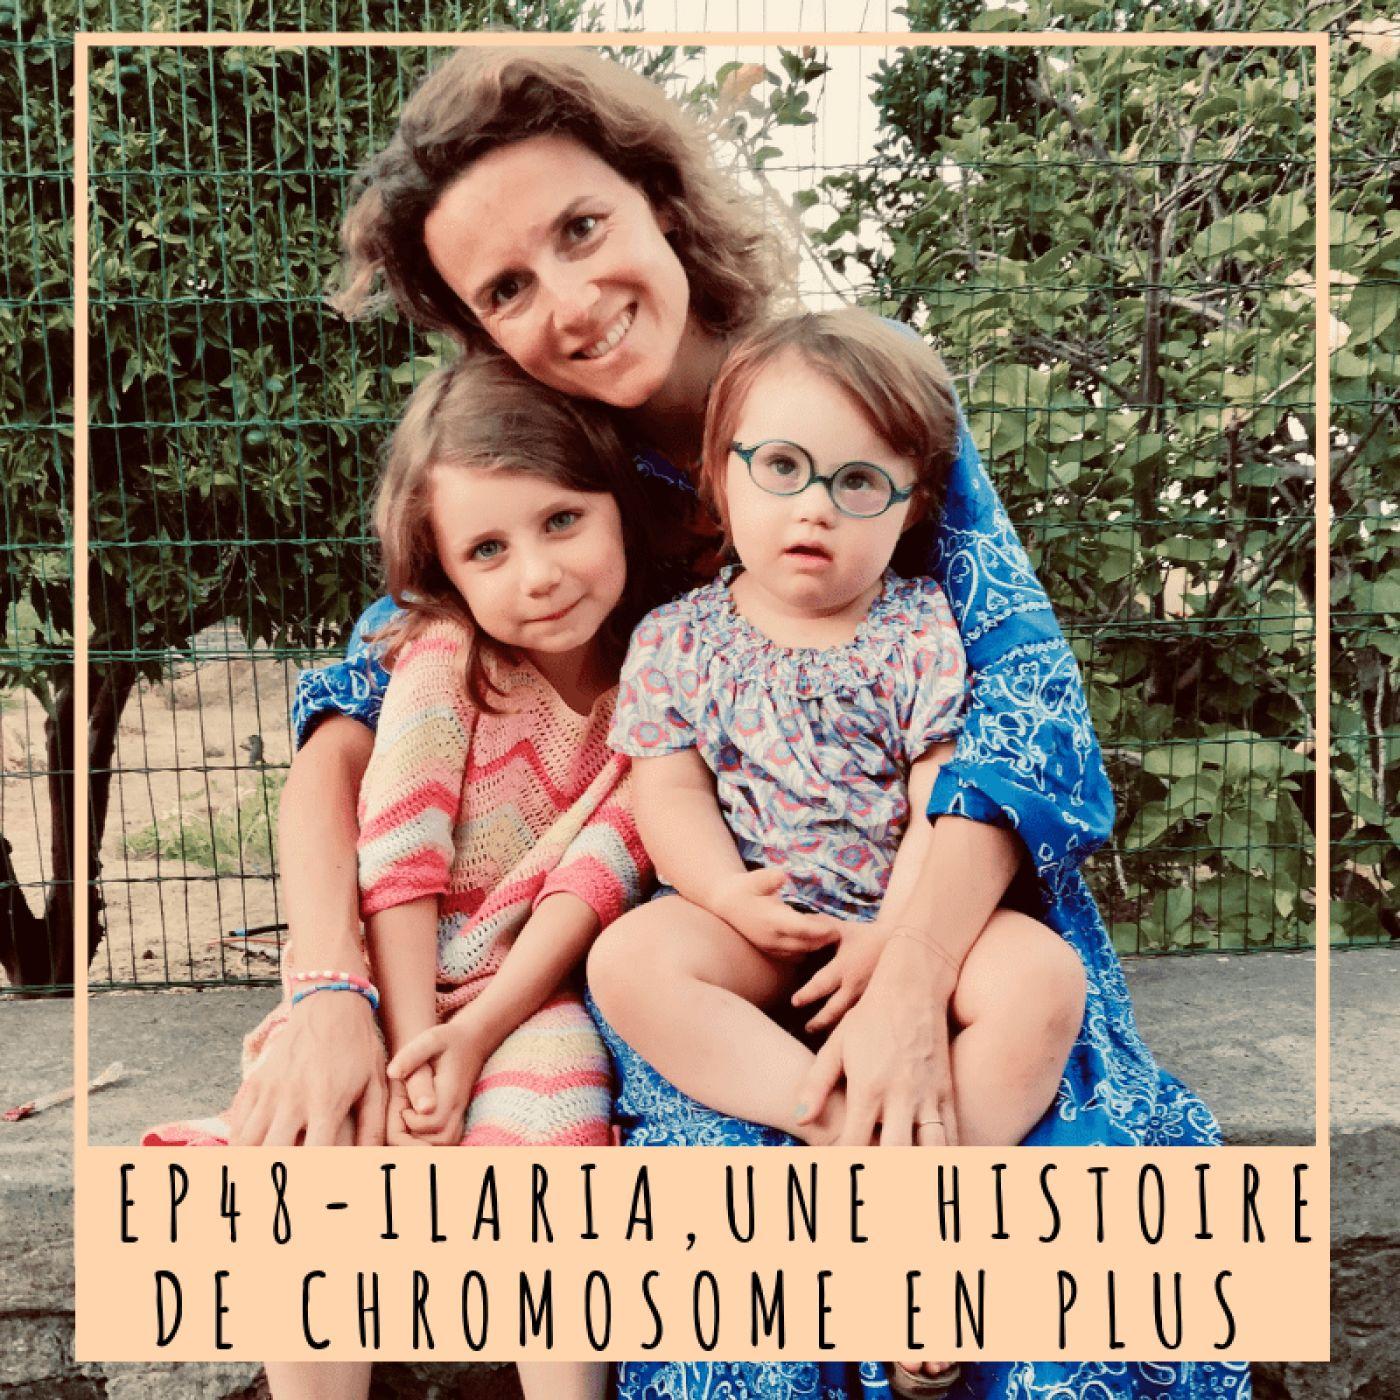 EP48- ILARIA, UNE HISTOIRE DE CHROMOSOME EN PLUS